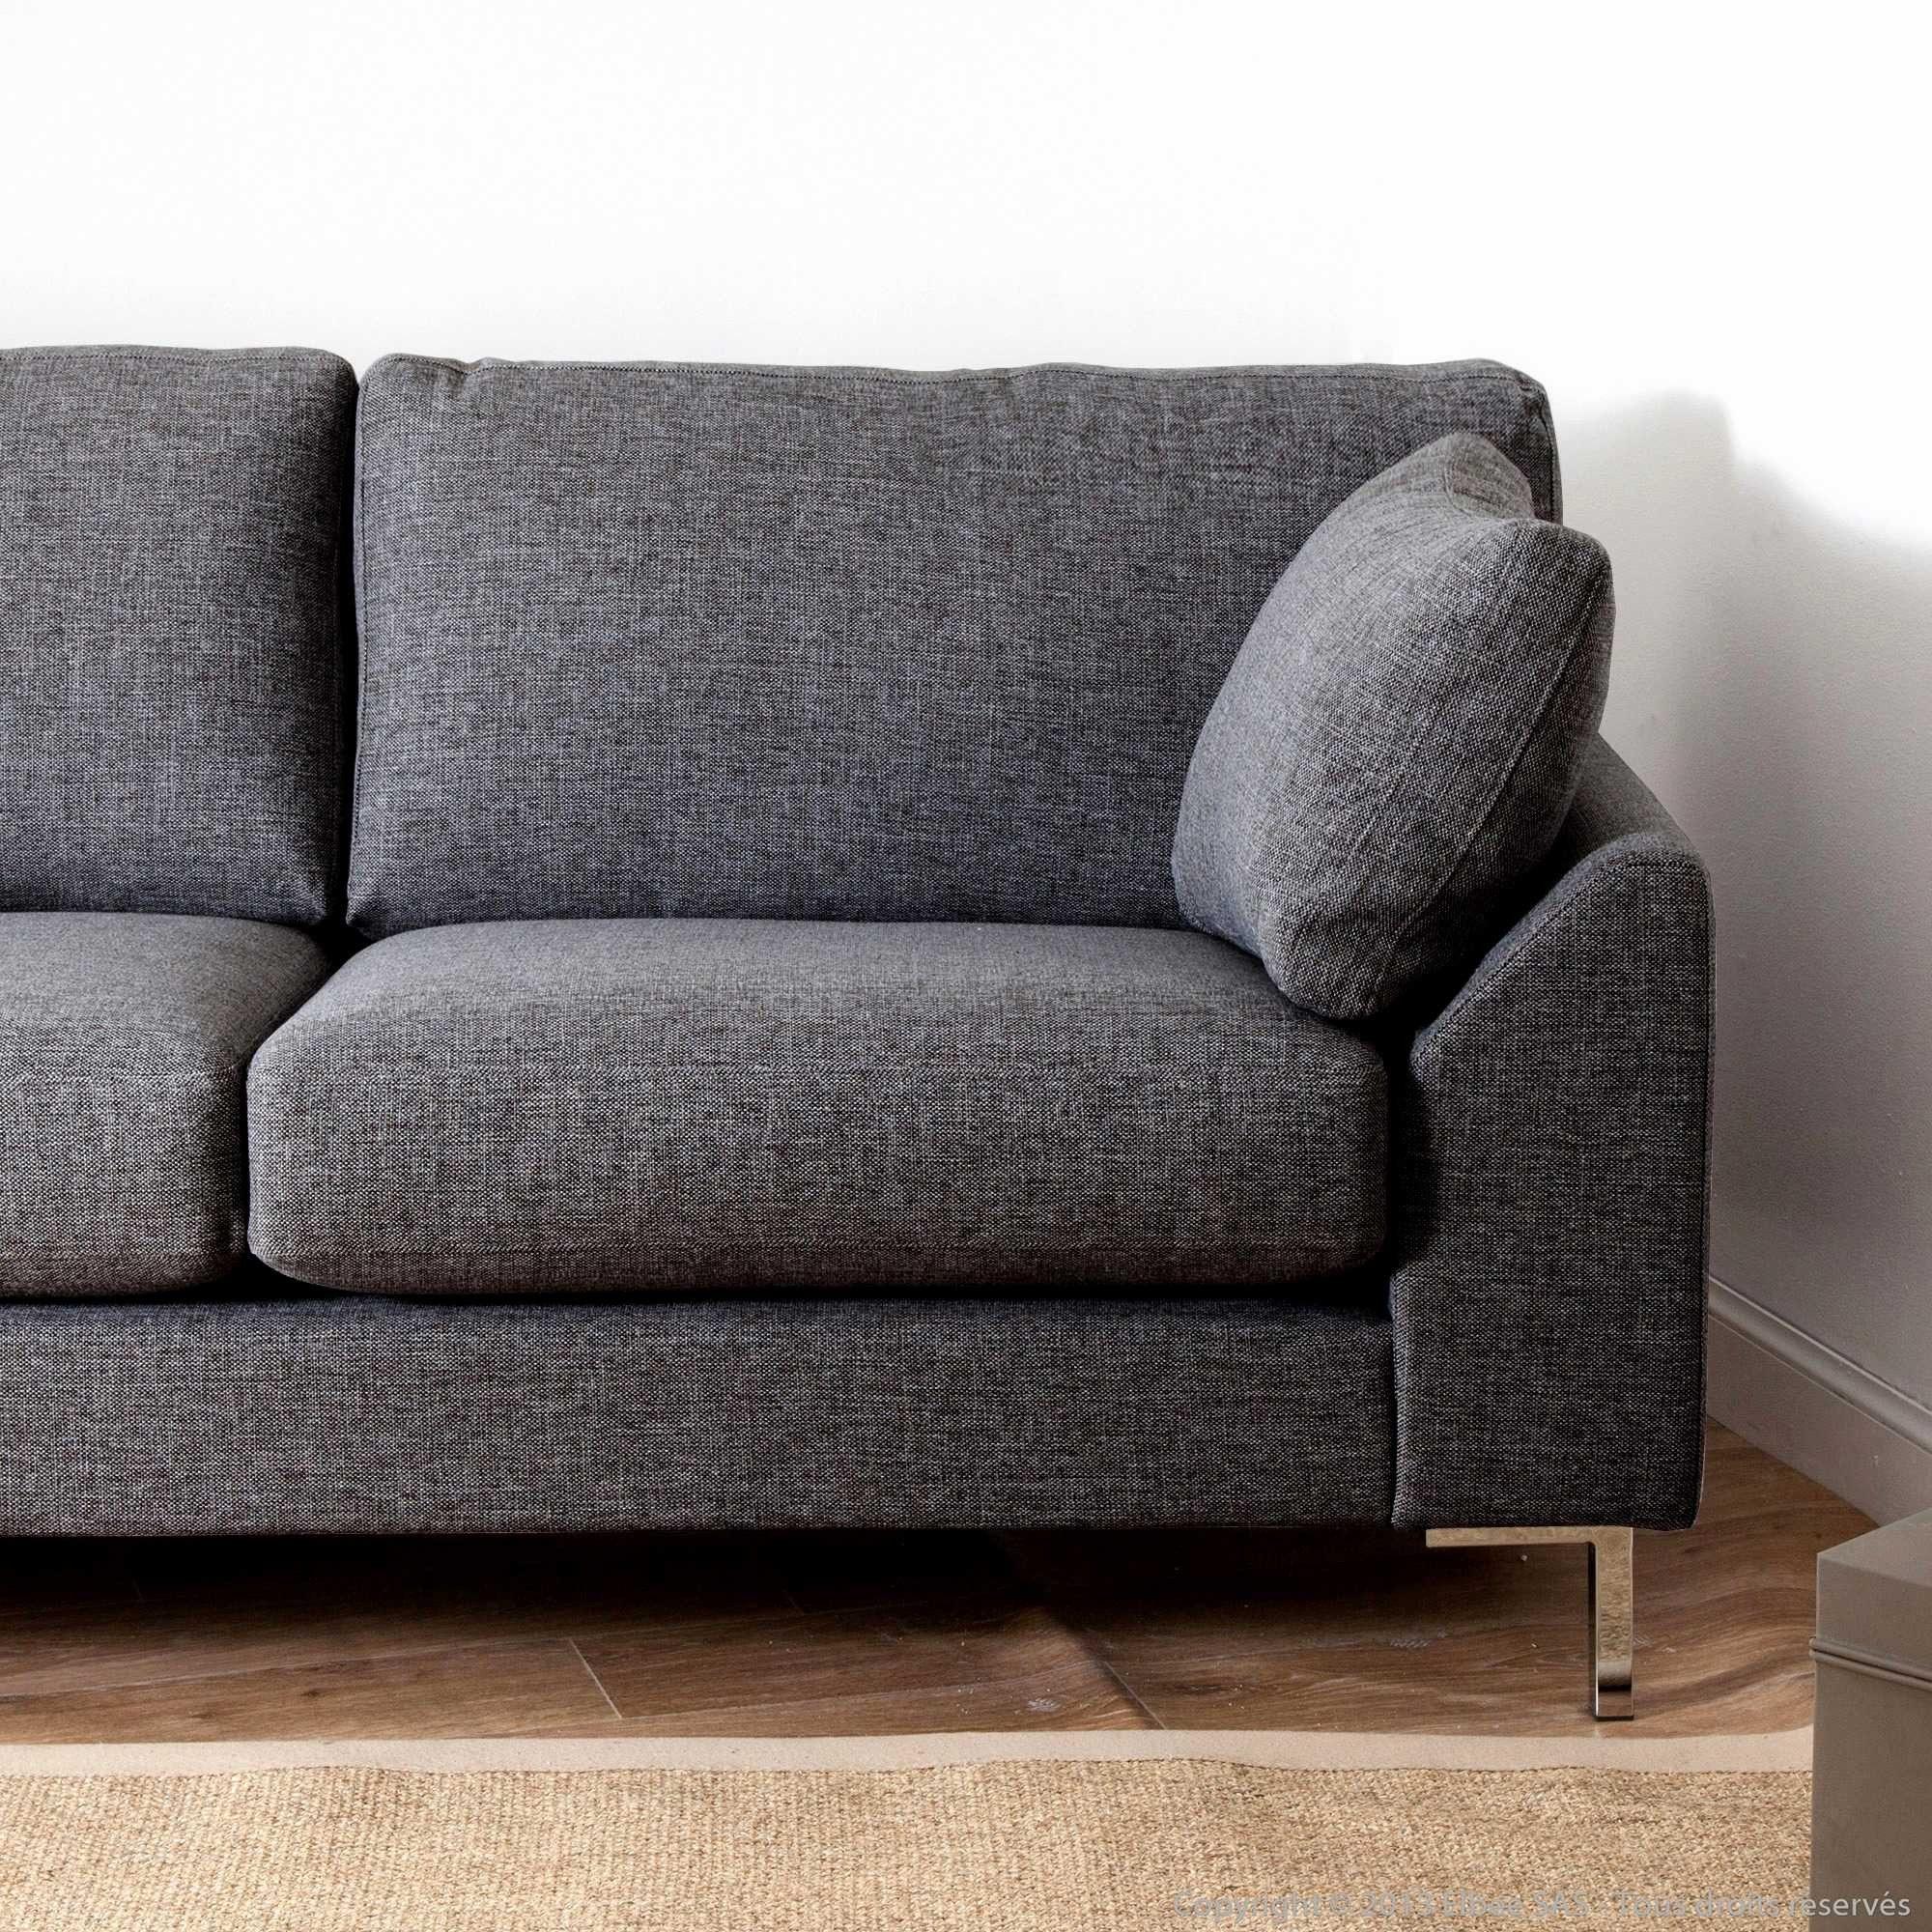 Canape Lit Confortable Pour Dormir Unique 88 Mod¨le Canape Convertible Confortable